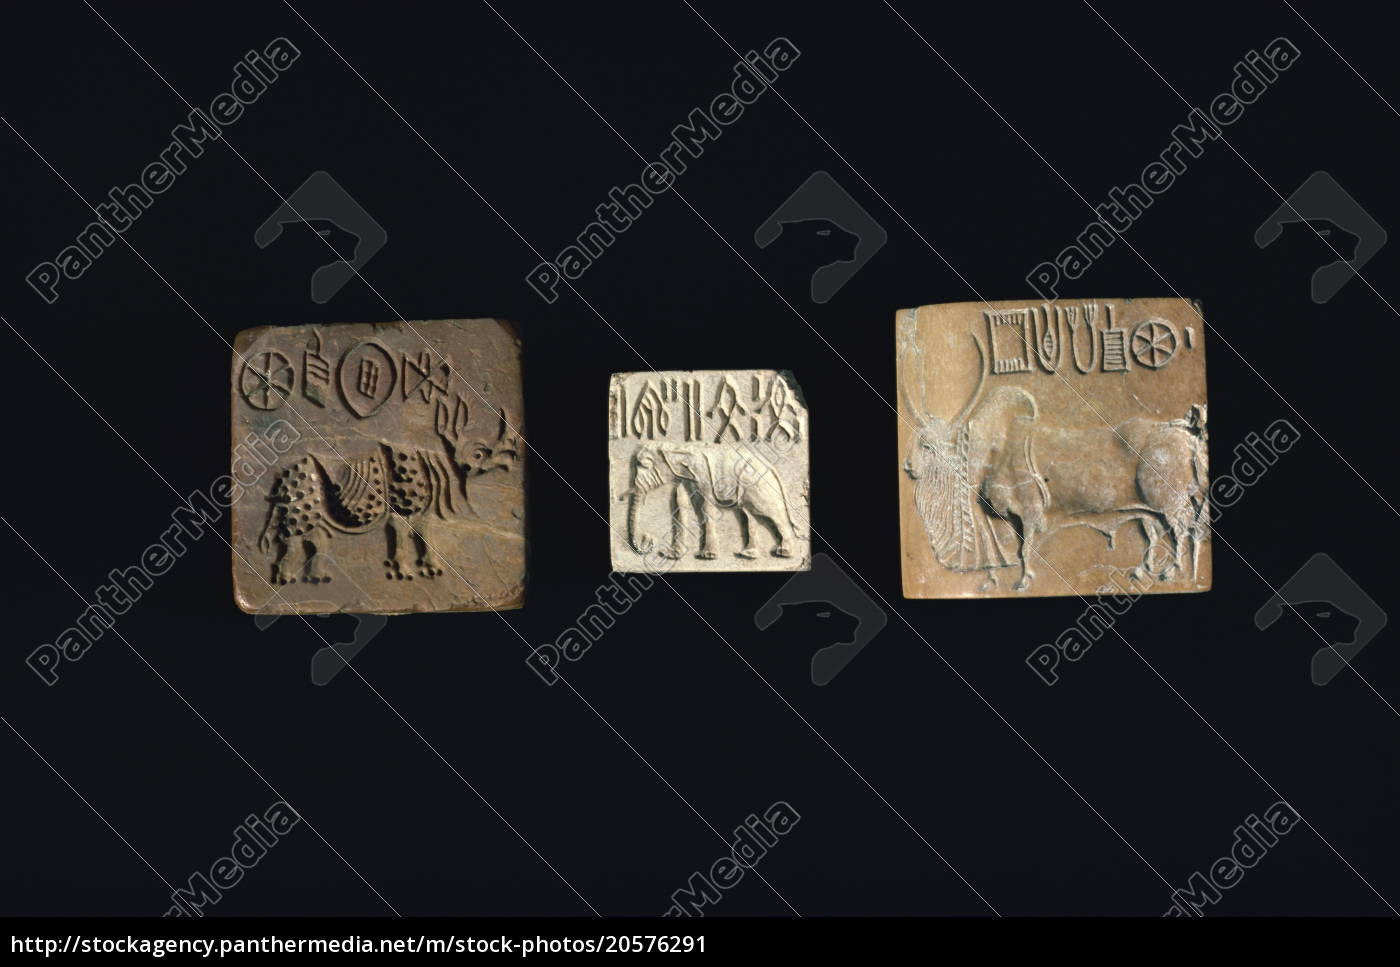 focas, representando, animais, da, civilização, indus - 20576291